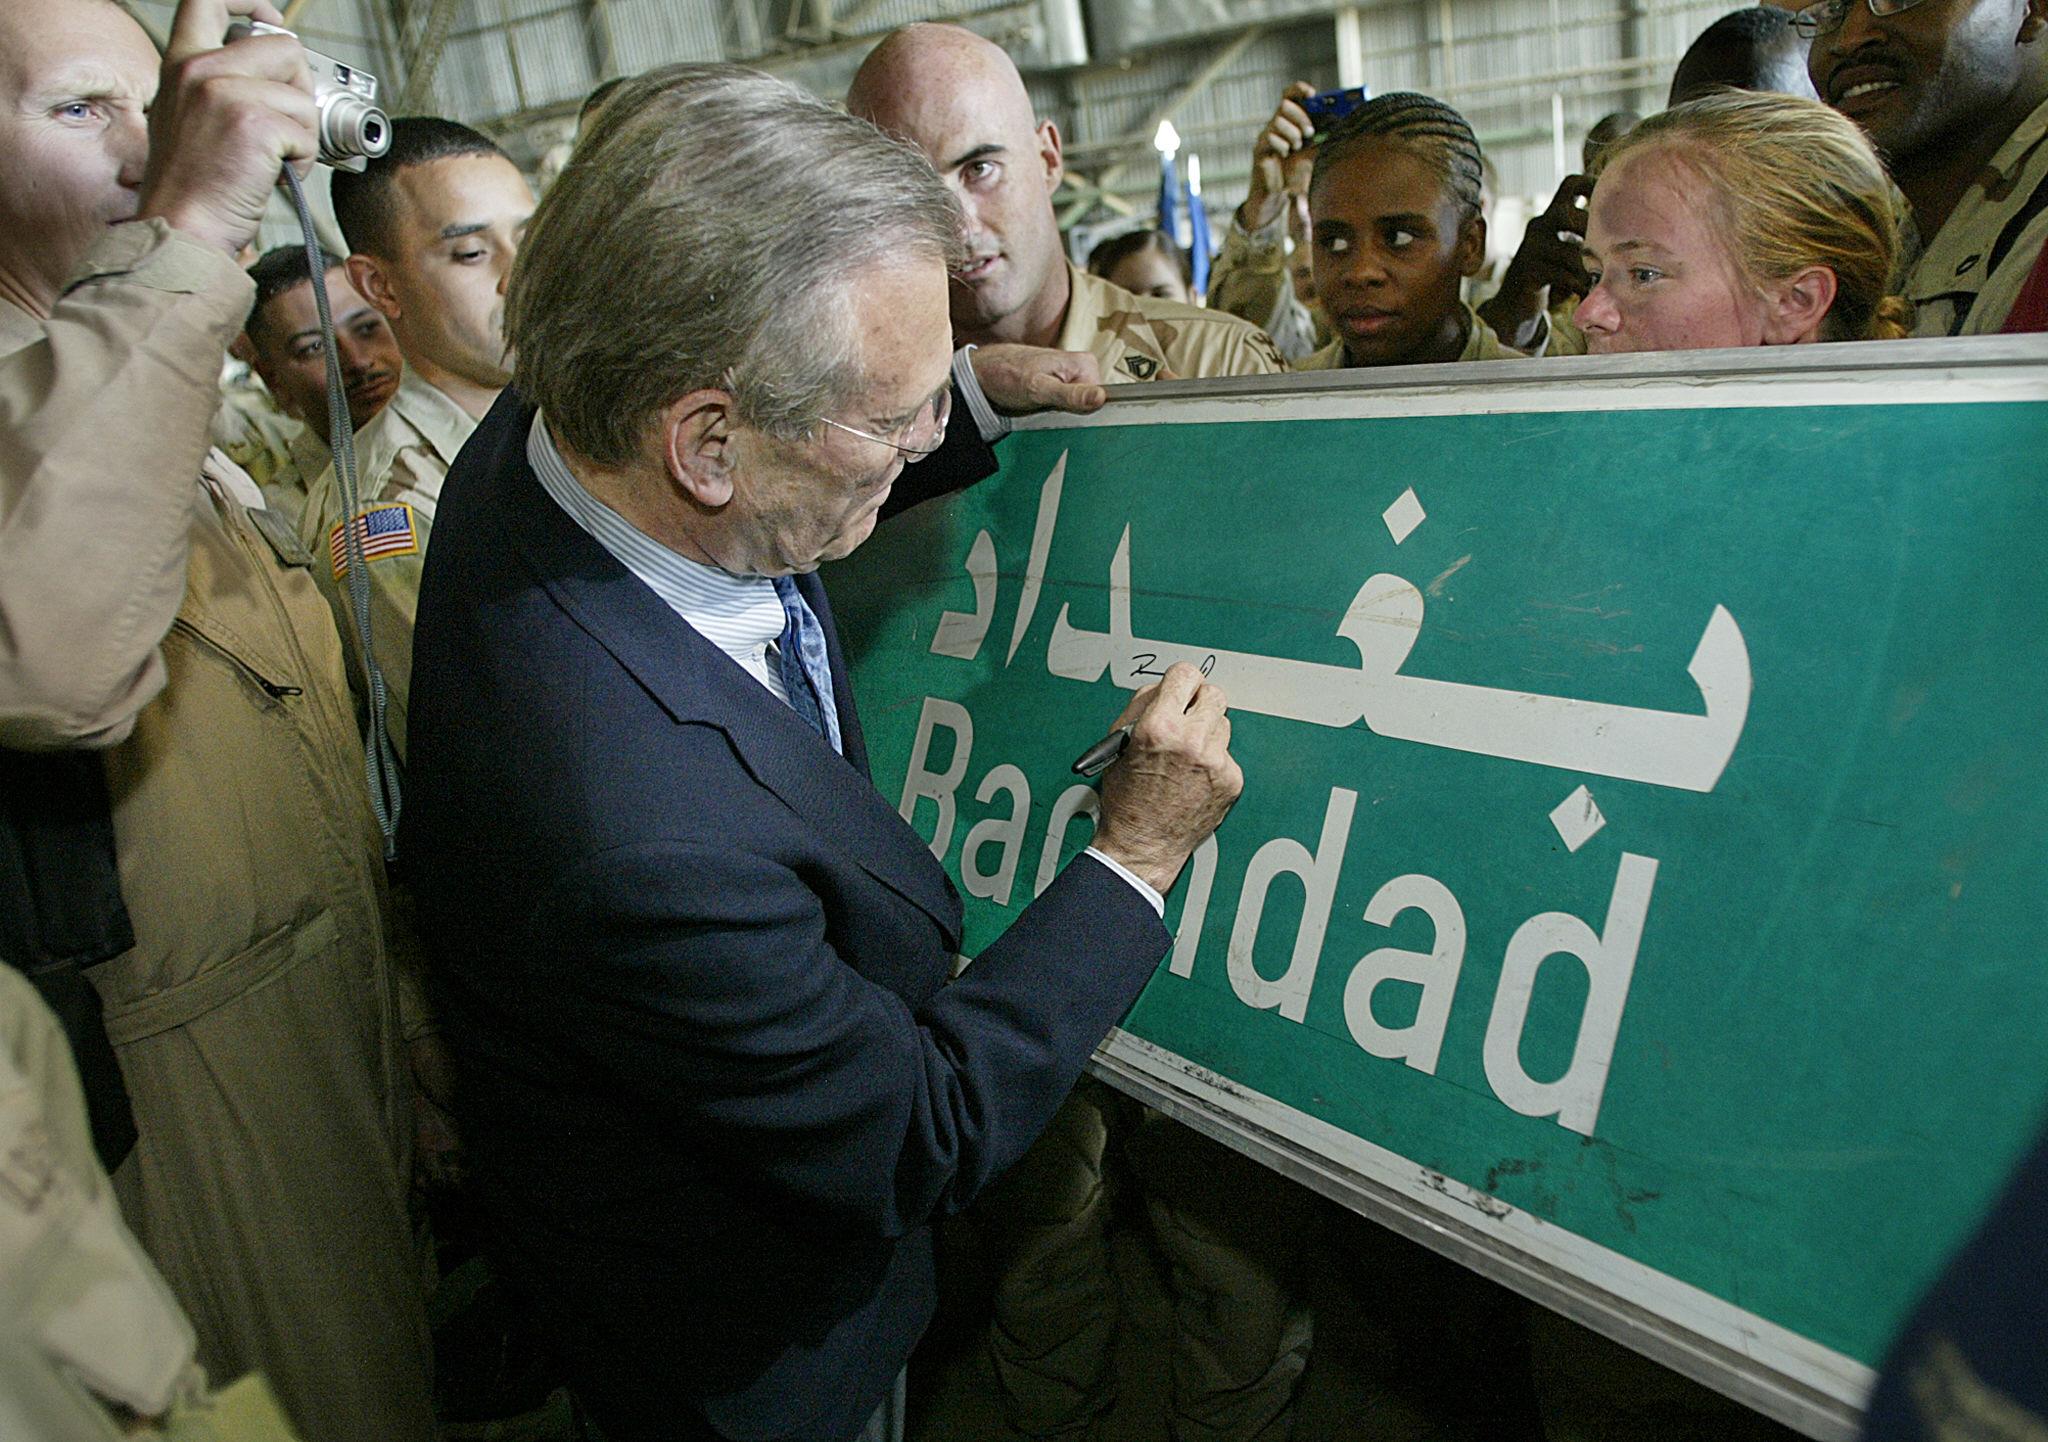 وزير الدفاع دونالد رامسفيلد يوقع على لوحة للجنود الأميركيين عام 2003. أرشيفية